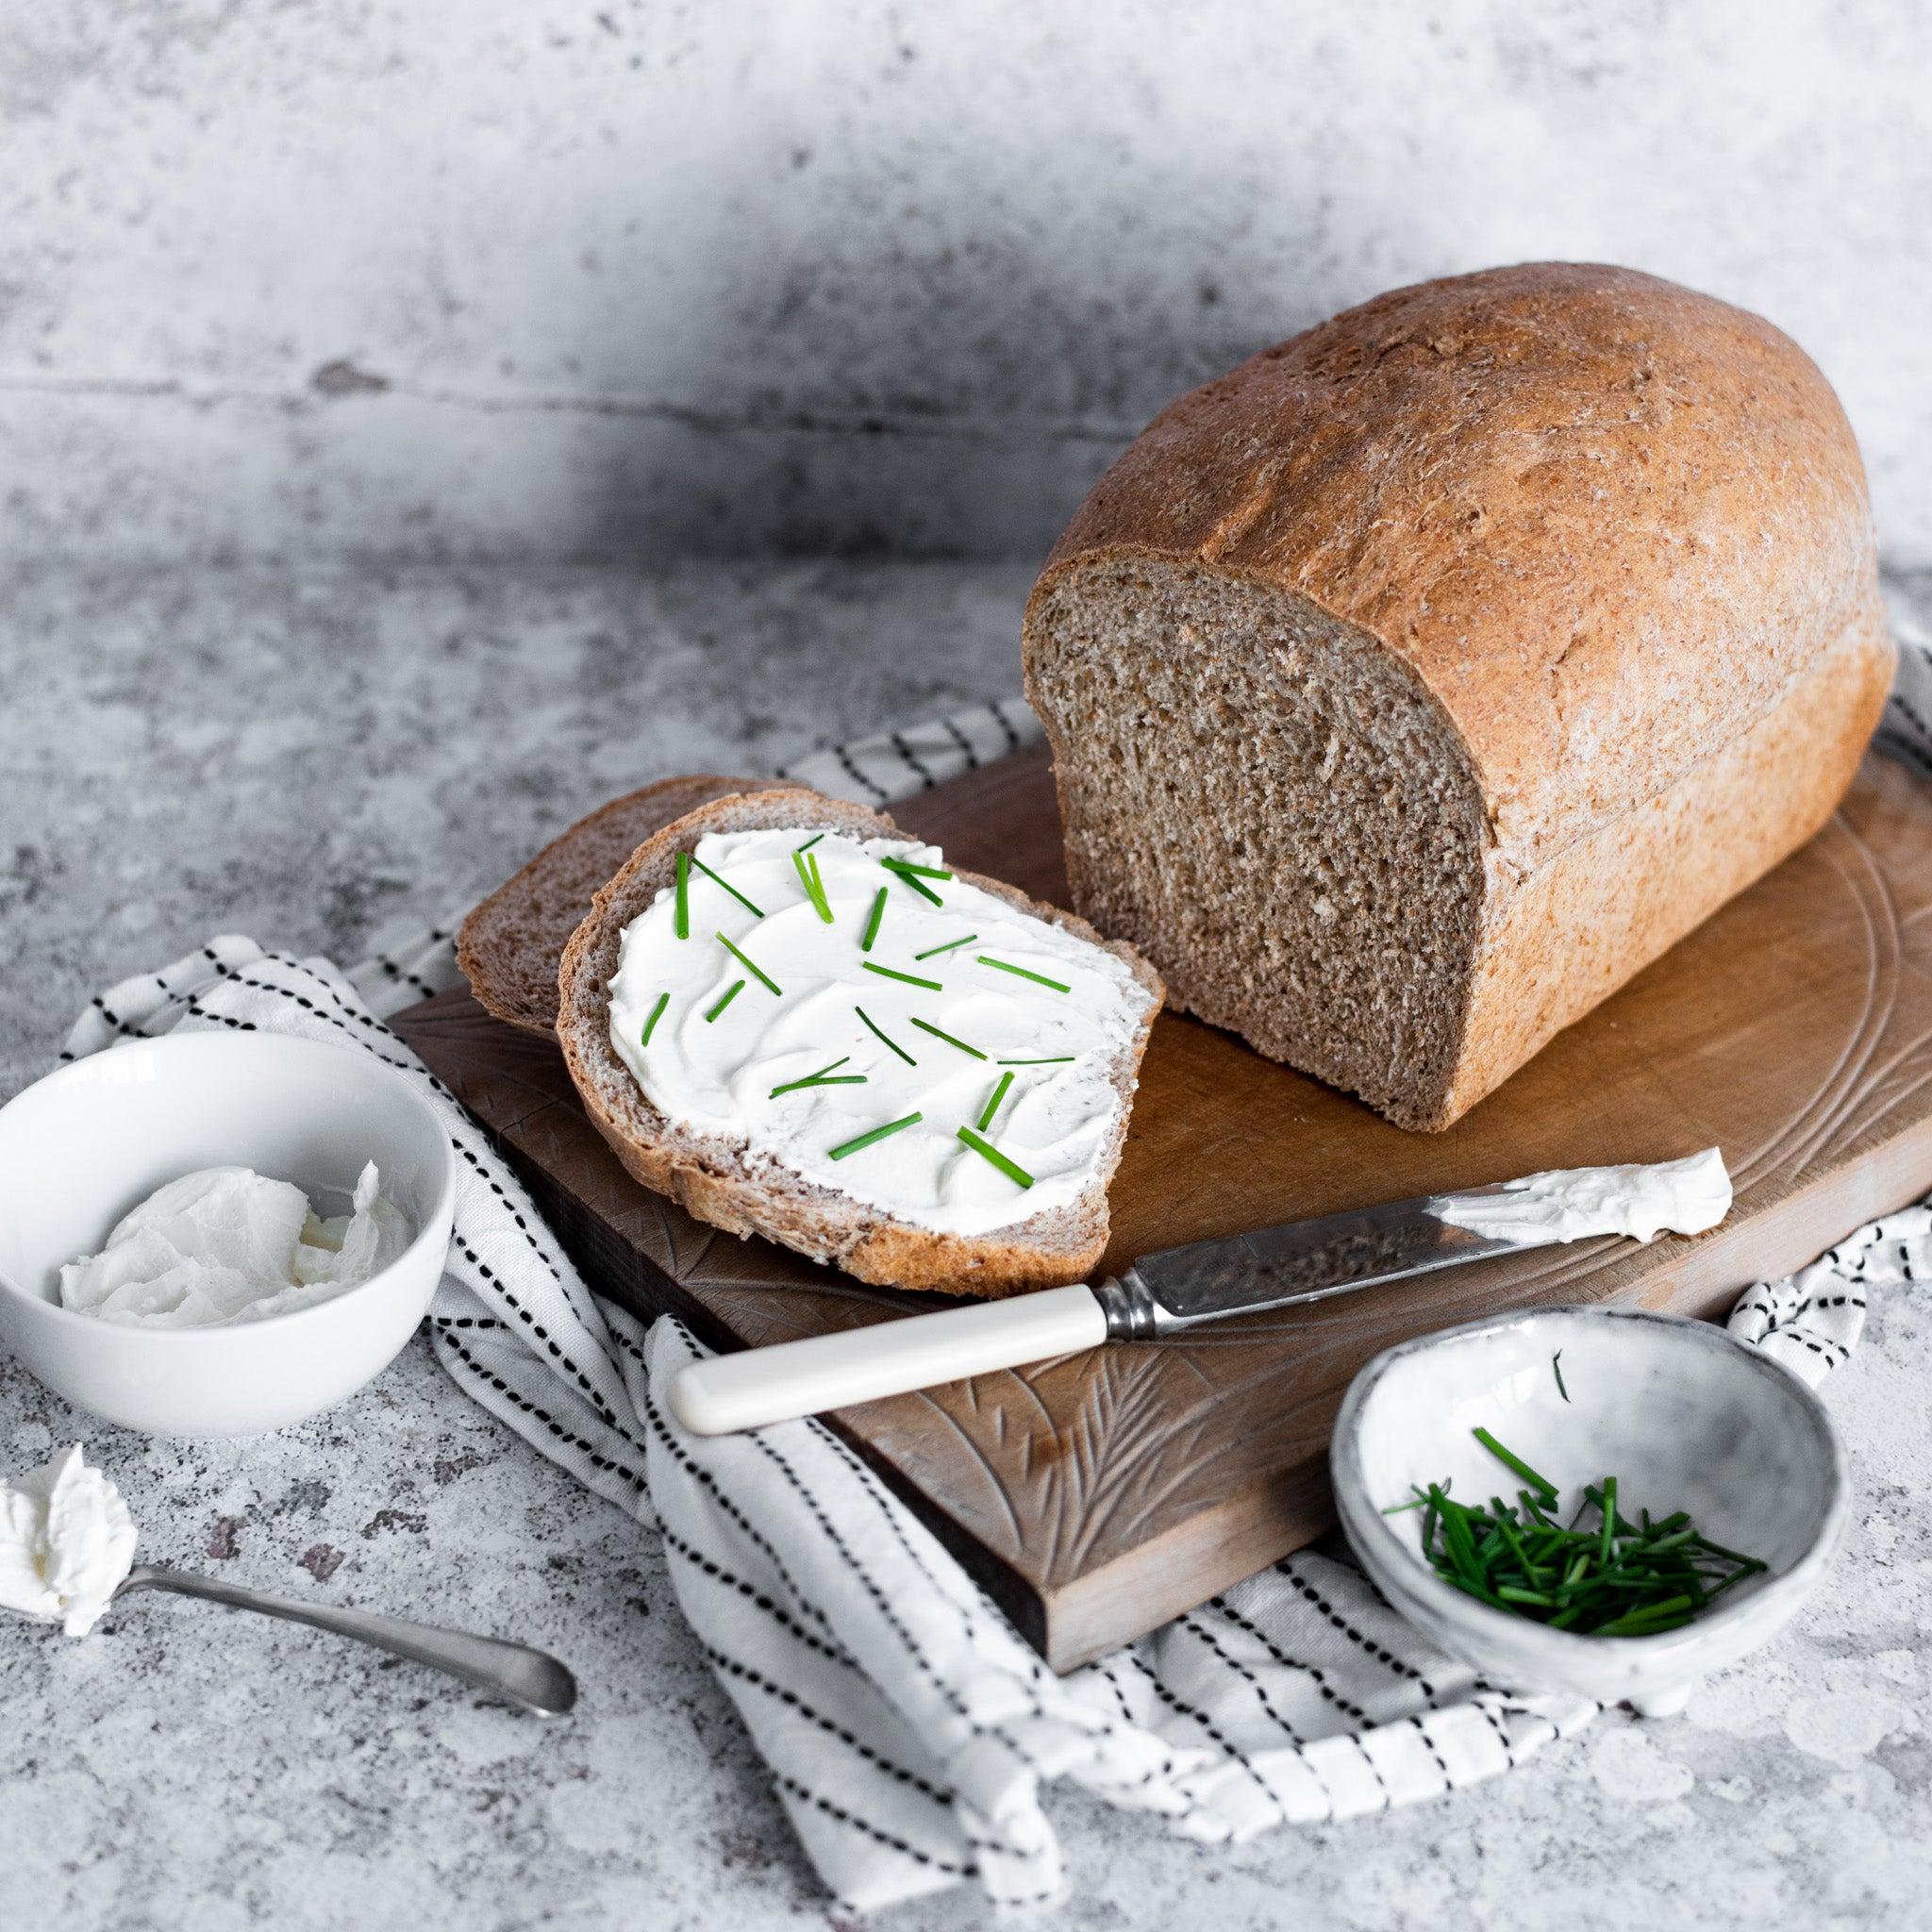 Allinsons-Wholemeal-Loaf-1-1-Baking-Mad-11.jpg